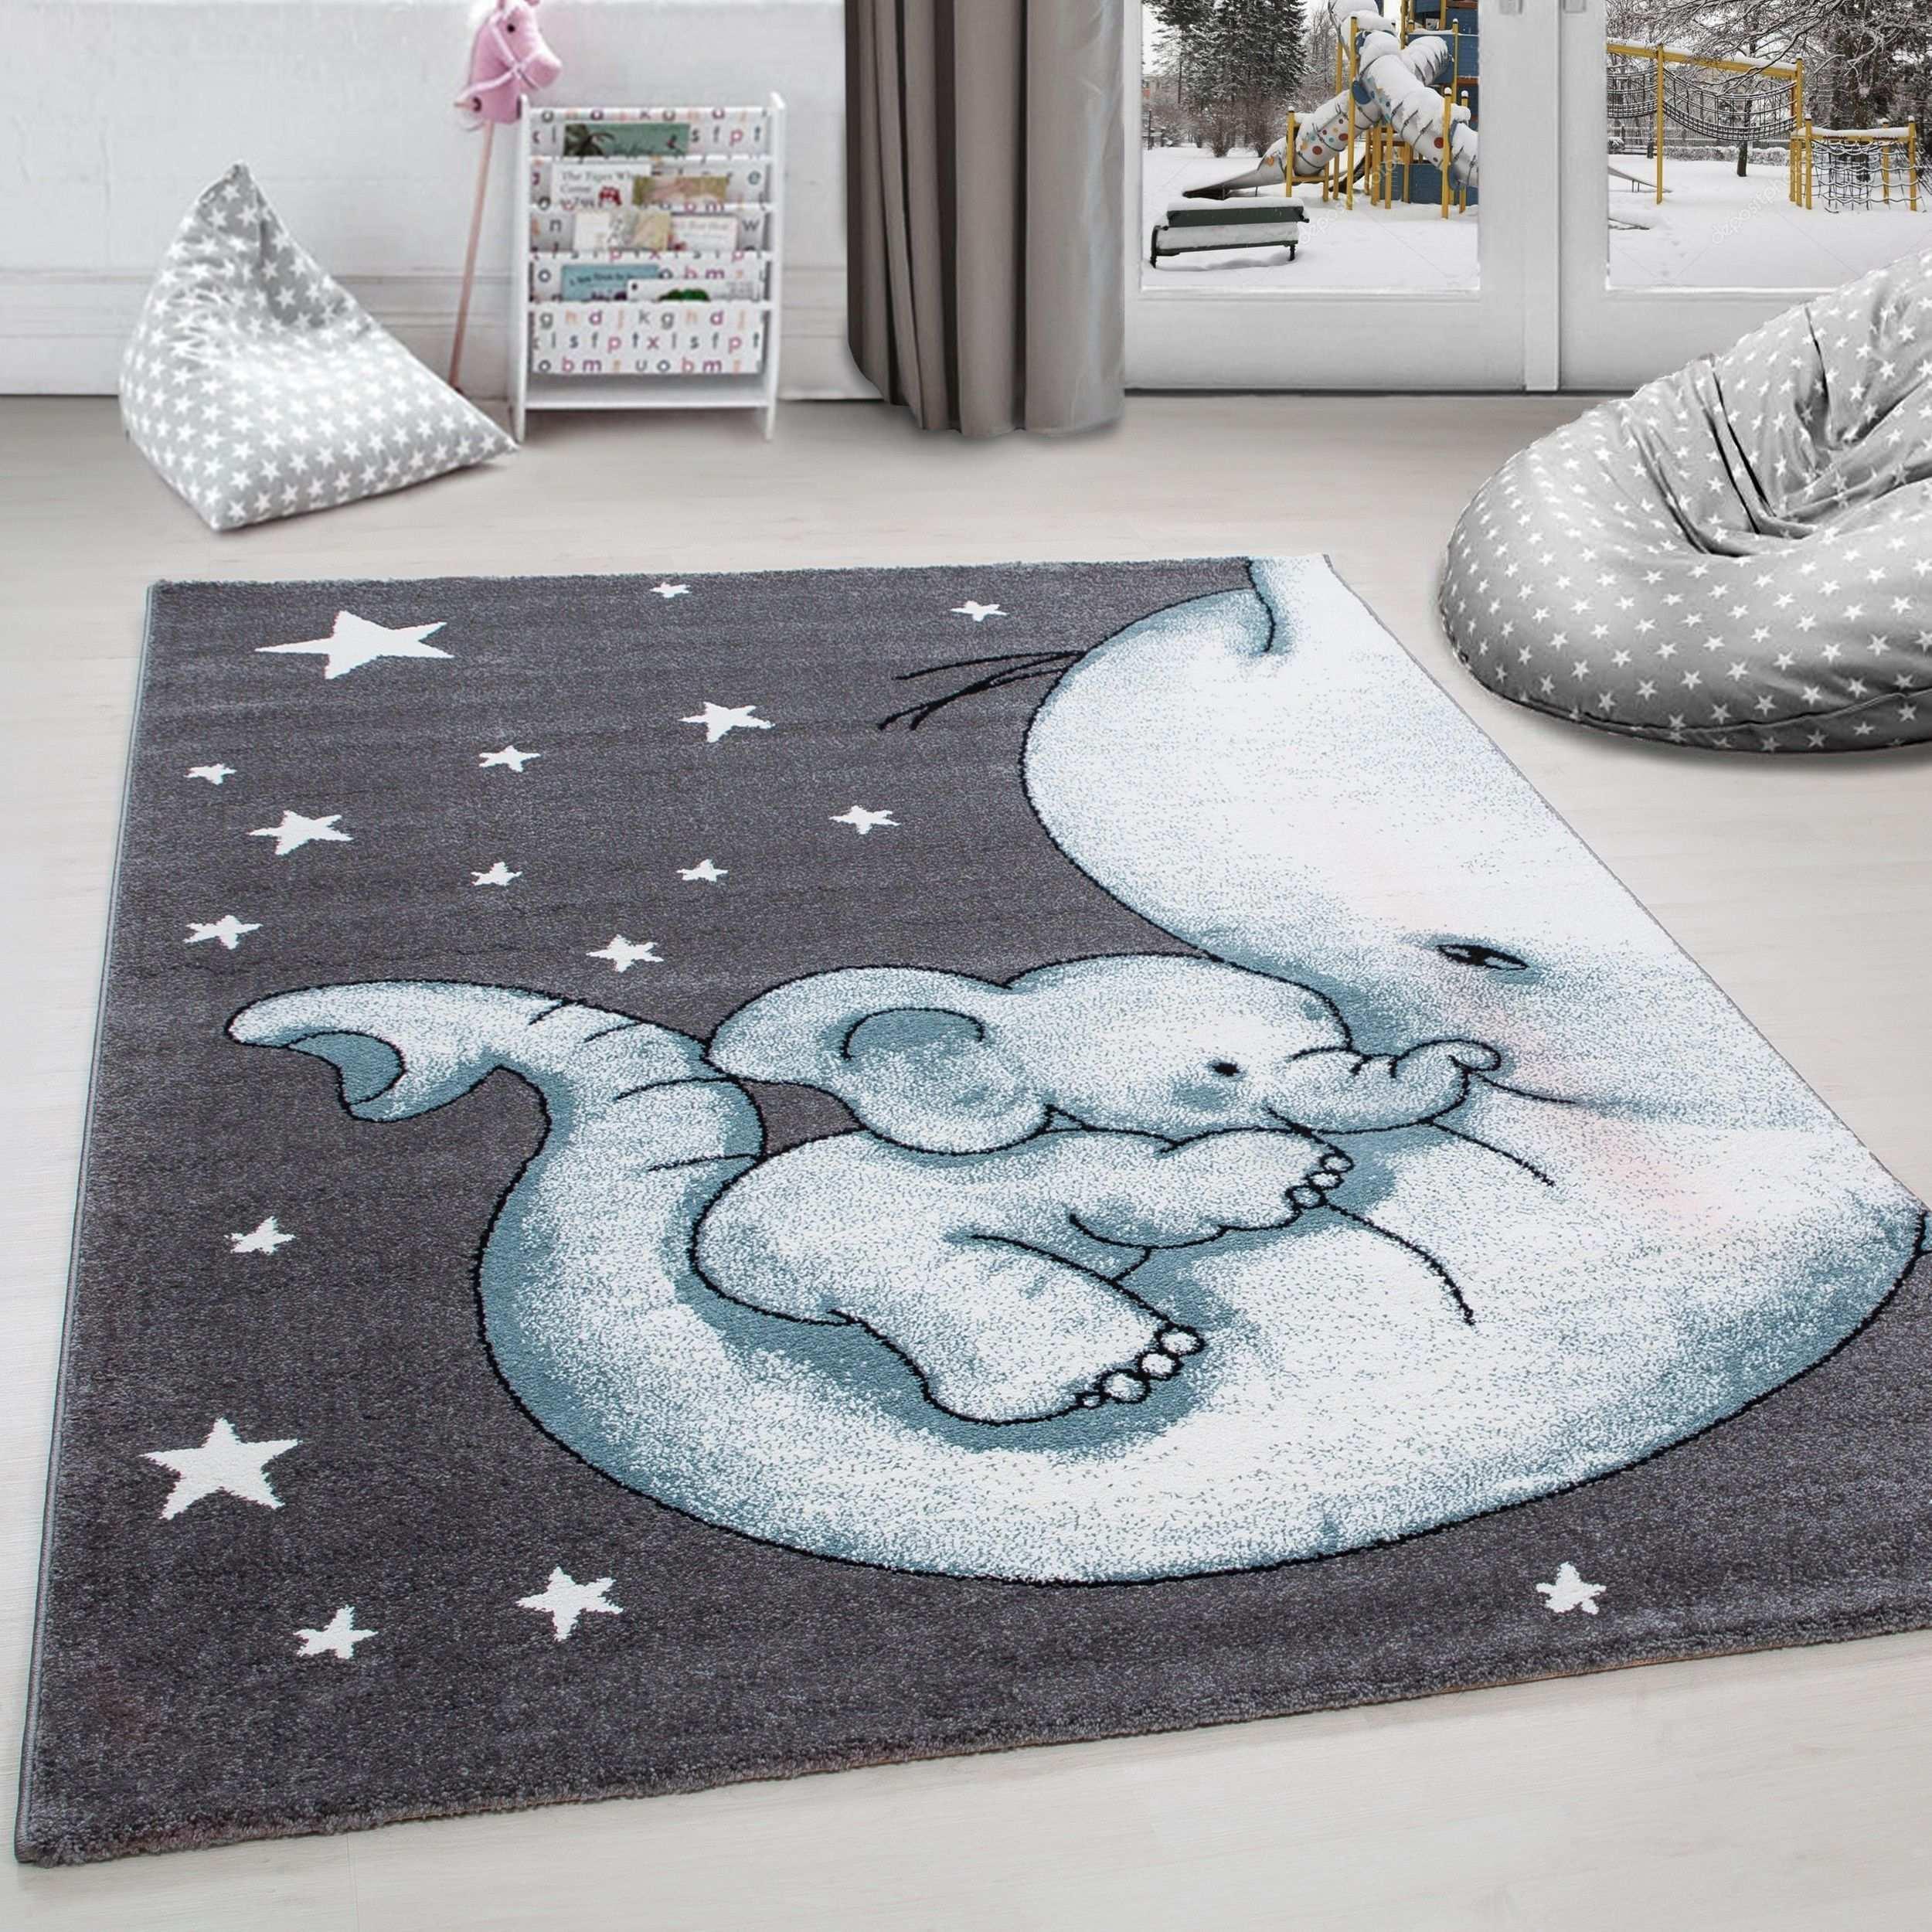 Cocuk Halisi Fil Ve Yildiz Desenli Gri Mavi Beyaz 99 90 Den Baslayan Fiyatlarla Https Www Carpettex Com Cocuk H Yavru Fil Bebek Odasi Kiz Filli Bebek Odasi